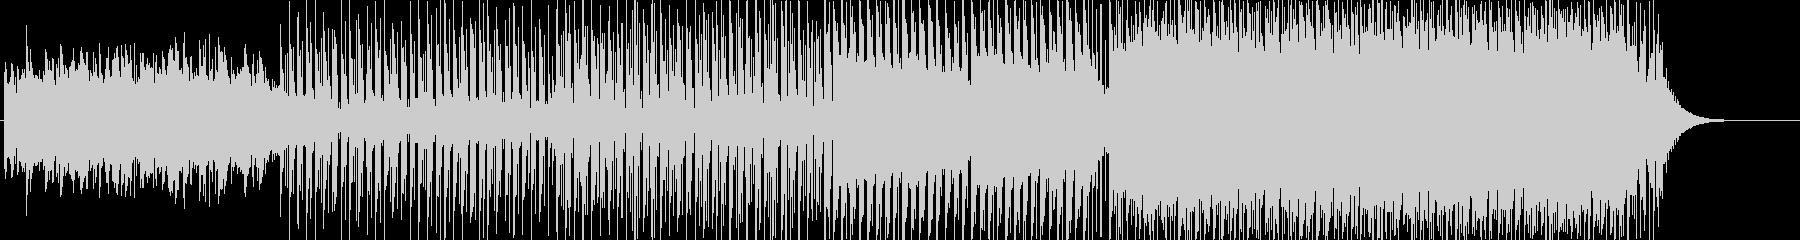 一日の流れに沿った展開のトロピカルハウスの未再生の波形